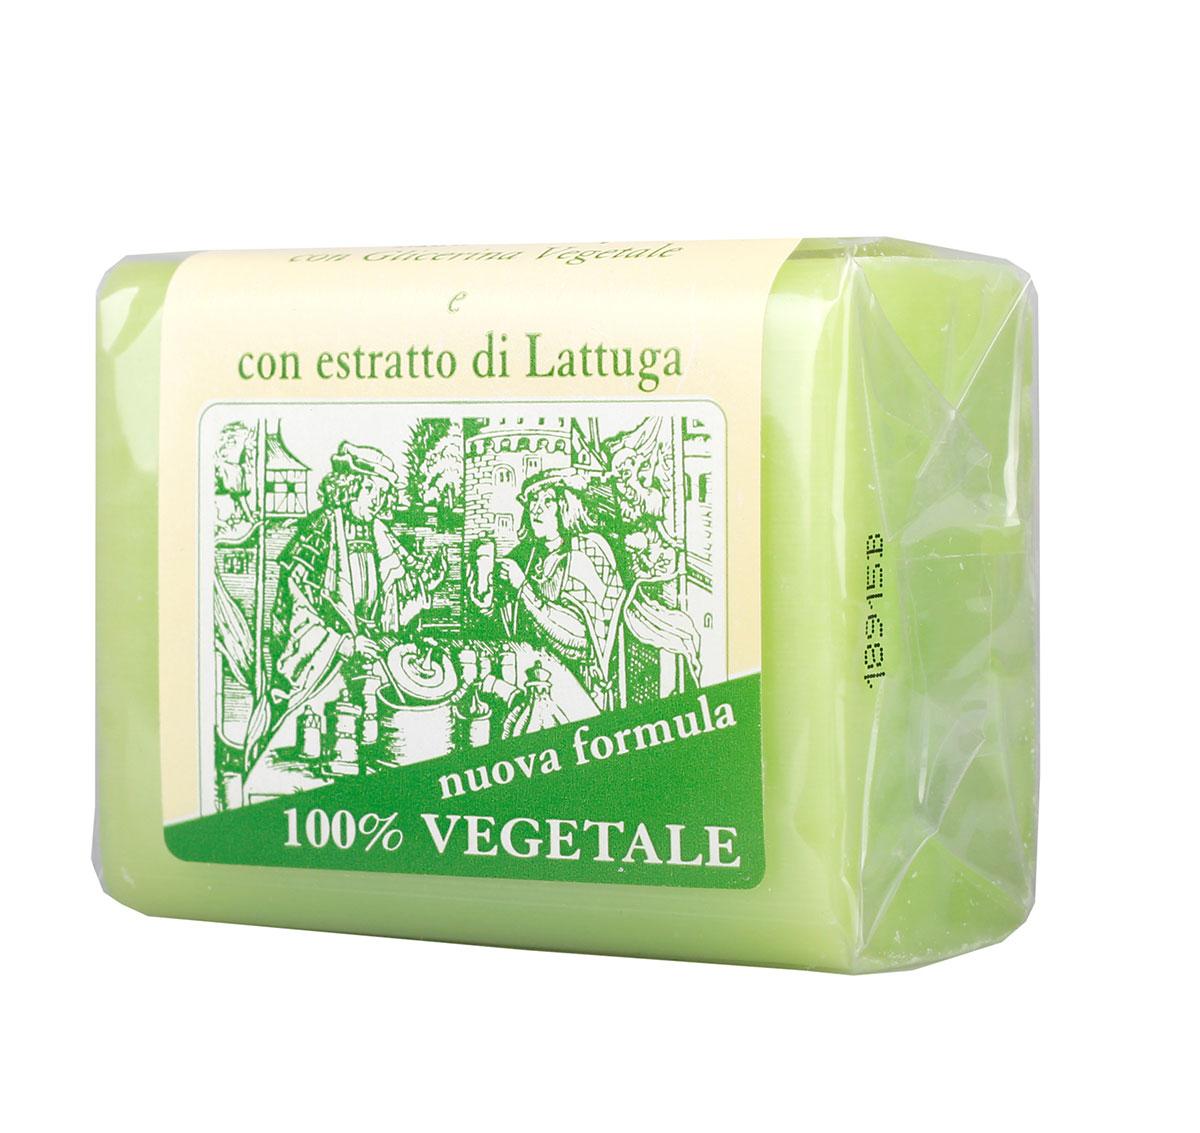 Iteritalia Мыло натуральное глицериновое с экстрактом латука, 150 гMP59.4DНатуральное косметическое глицериновое мыло коллекции МАСТЕРА МЫЛОВАРЫ изготовлено из 100% растительных ингредиентов в соответствии с античными традициями мастеров Саронно. Обогащено глицерином и экстрактом латука, обладает очищающим и смягчающим действием. Подходит для всех типов кожи.